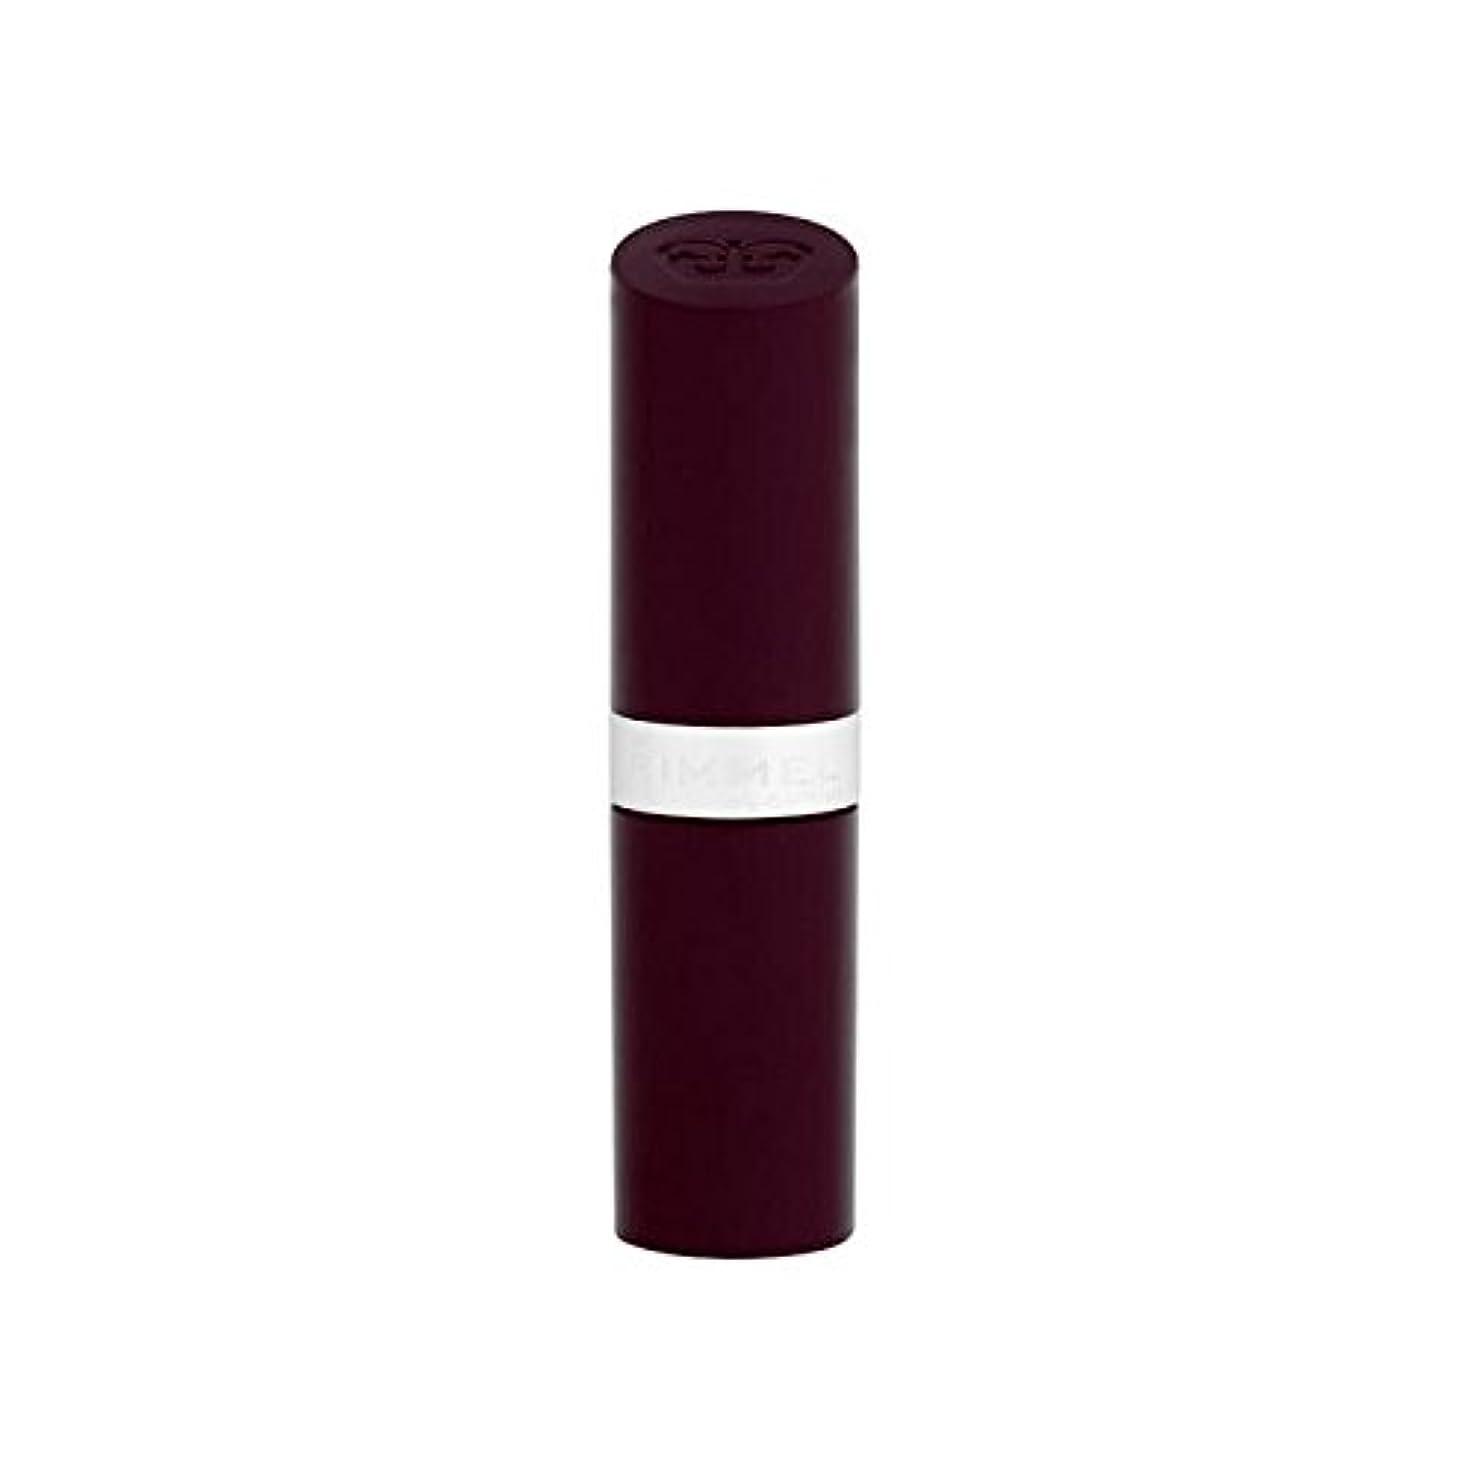 植物の学部どこにもRimmel Lasting Finish Lipstick Heather Shimmer 66 (Pack of 6) - リンメル持続的な仕上げの口紅杢きらめき66 x6 [並行輸入品]